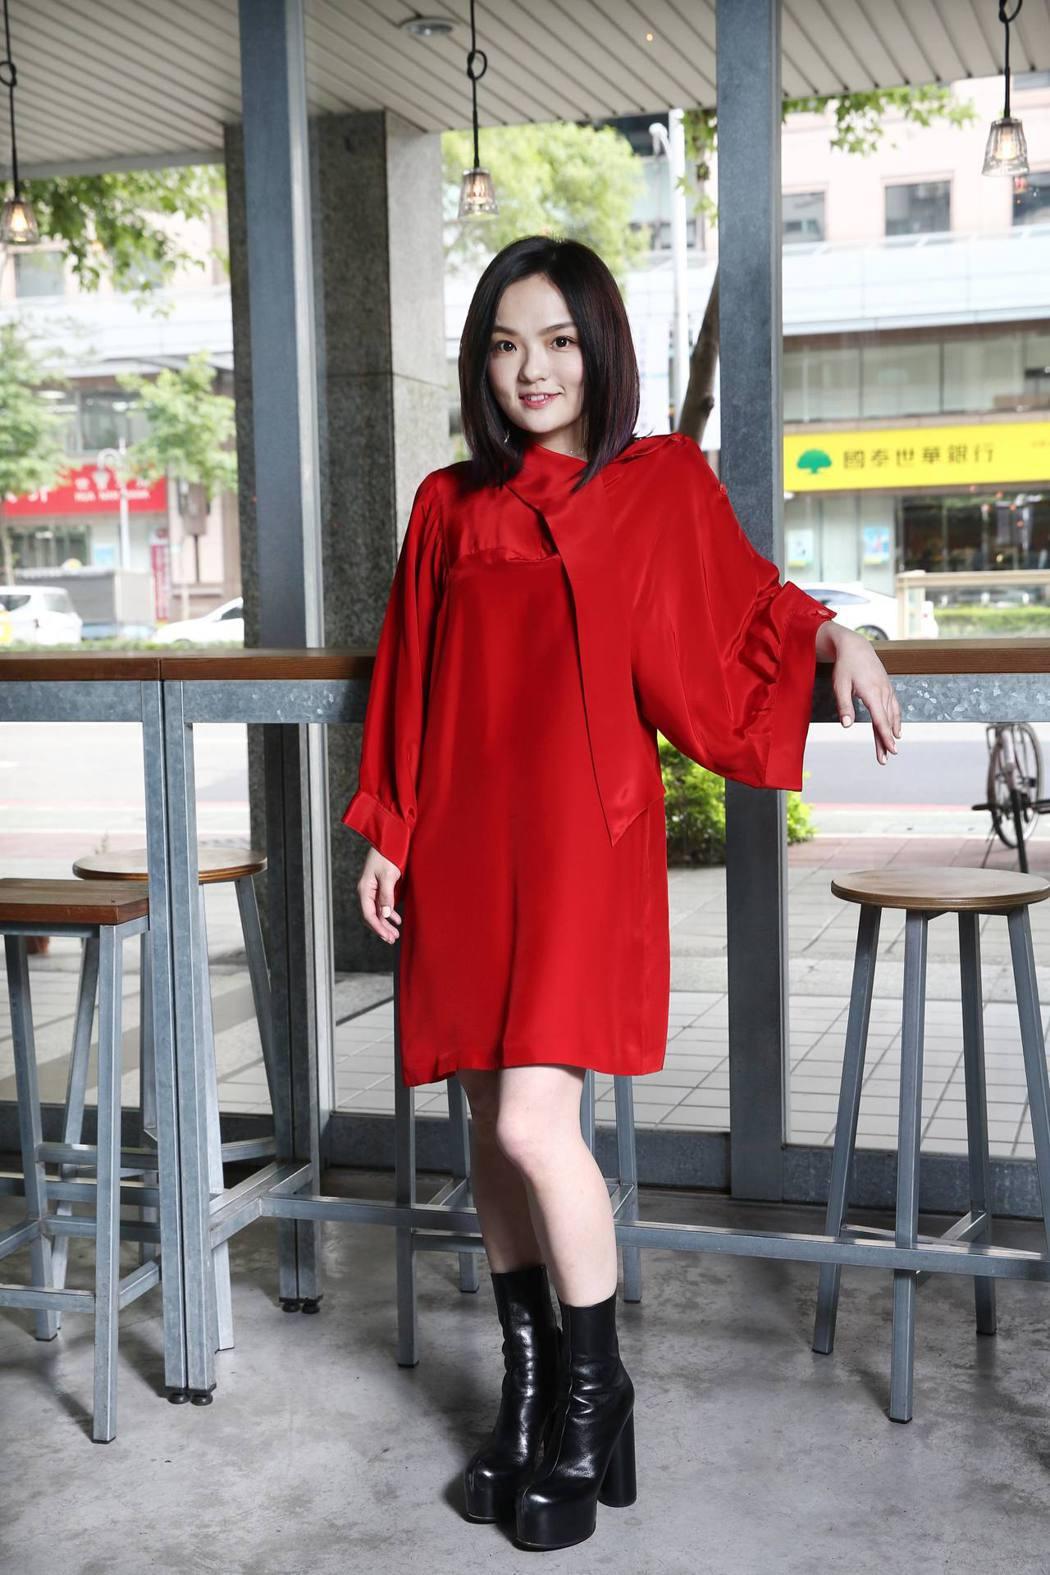 徐佳瑩入圍本屆金曲女歌后。記者蘇健忠/攝影